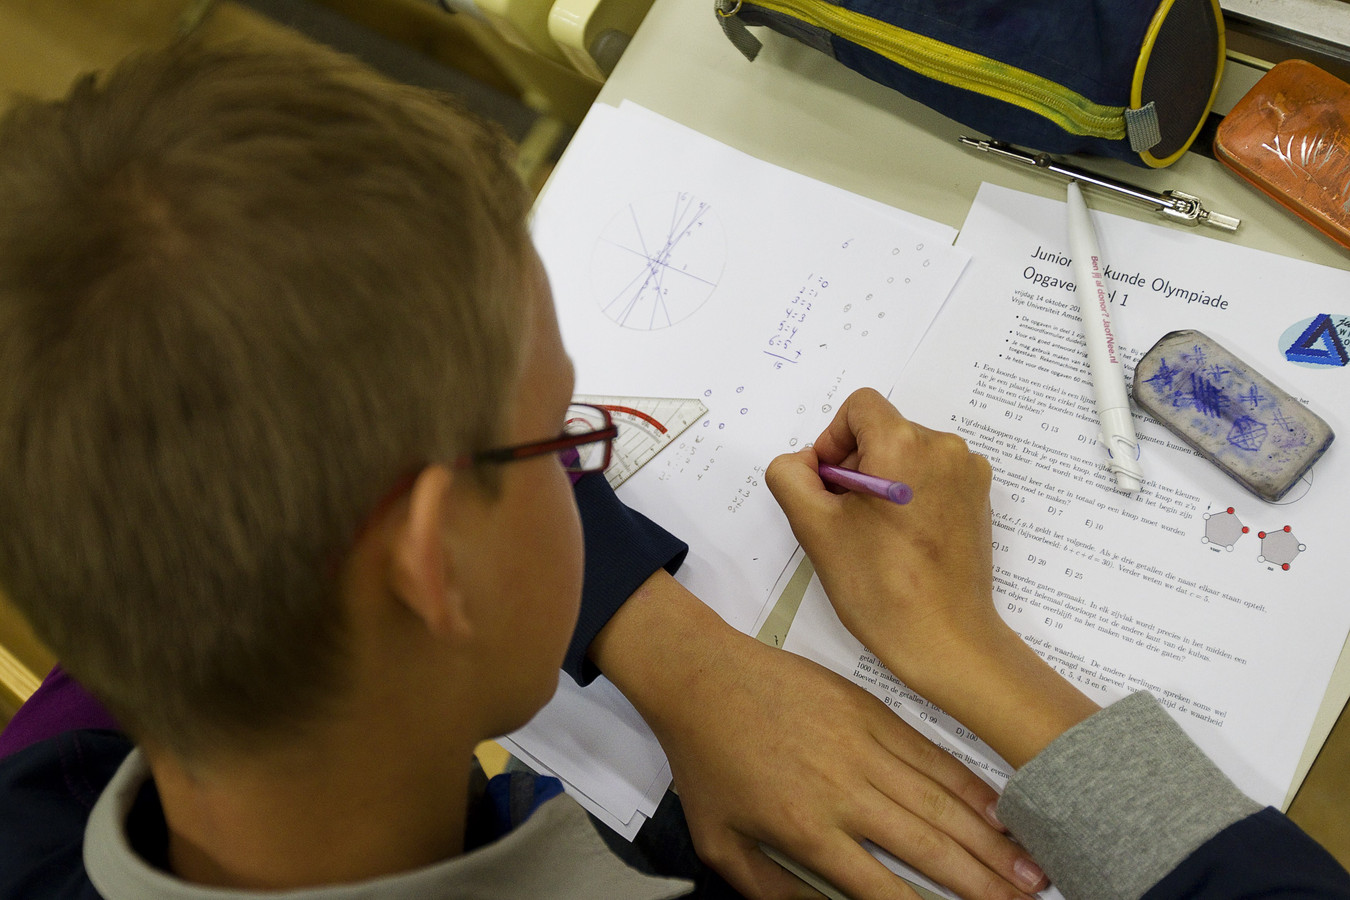 Een basisschoolleerling neemt deel aan de Junior Wiskunde Olympiade. Het gemiddelde rekenniveau van kinderen  is in omringende landen hoger dan in Nederland.